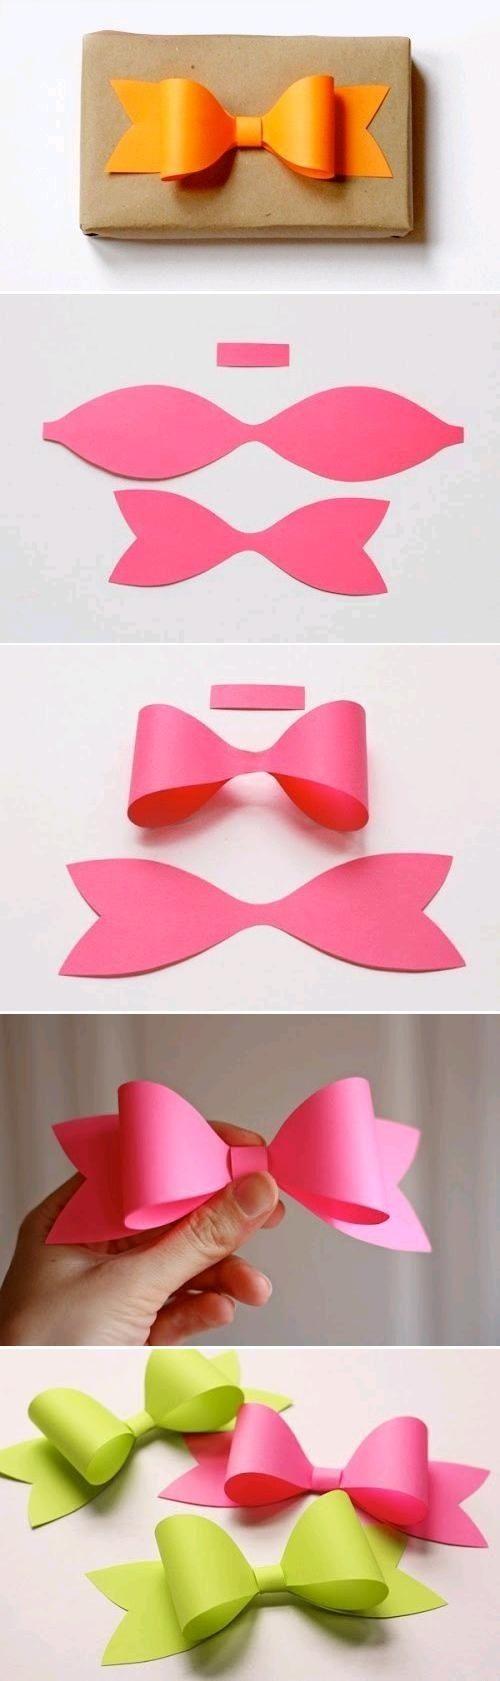 Strik - papier - Knippen en vouwen - cadeautje - DIY